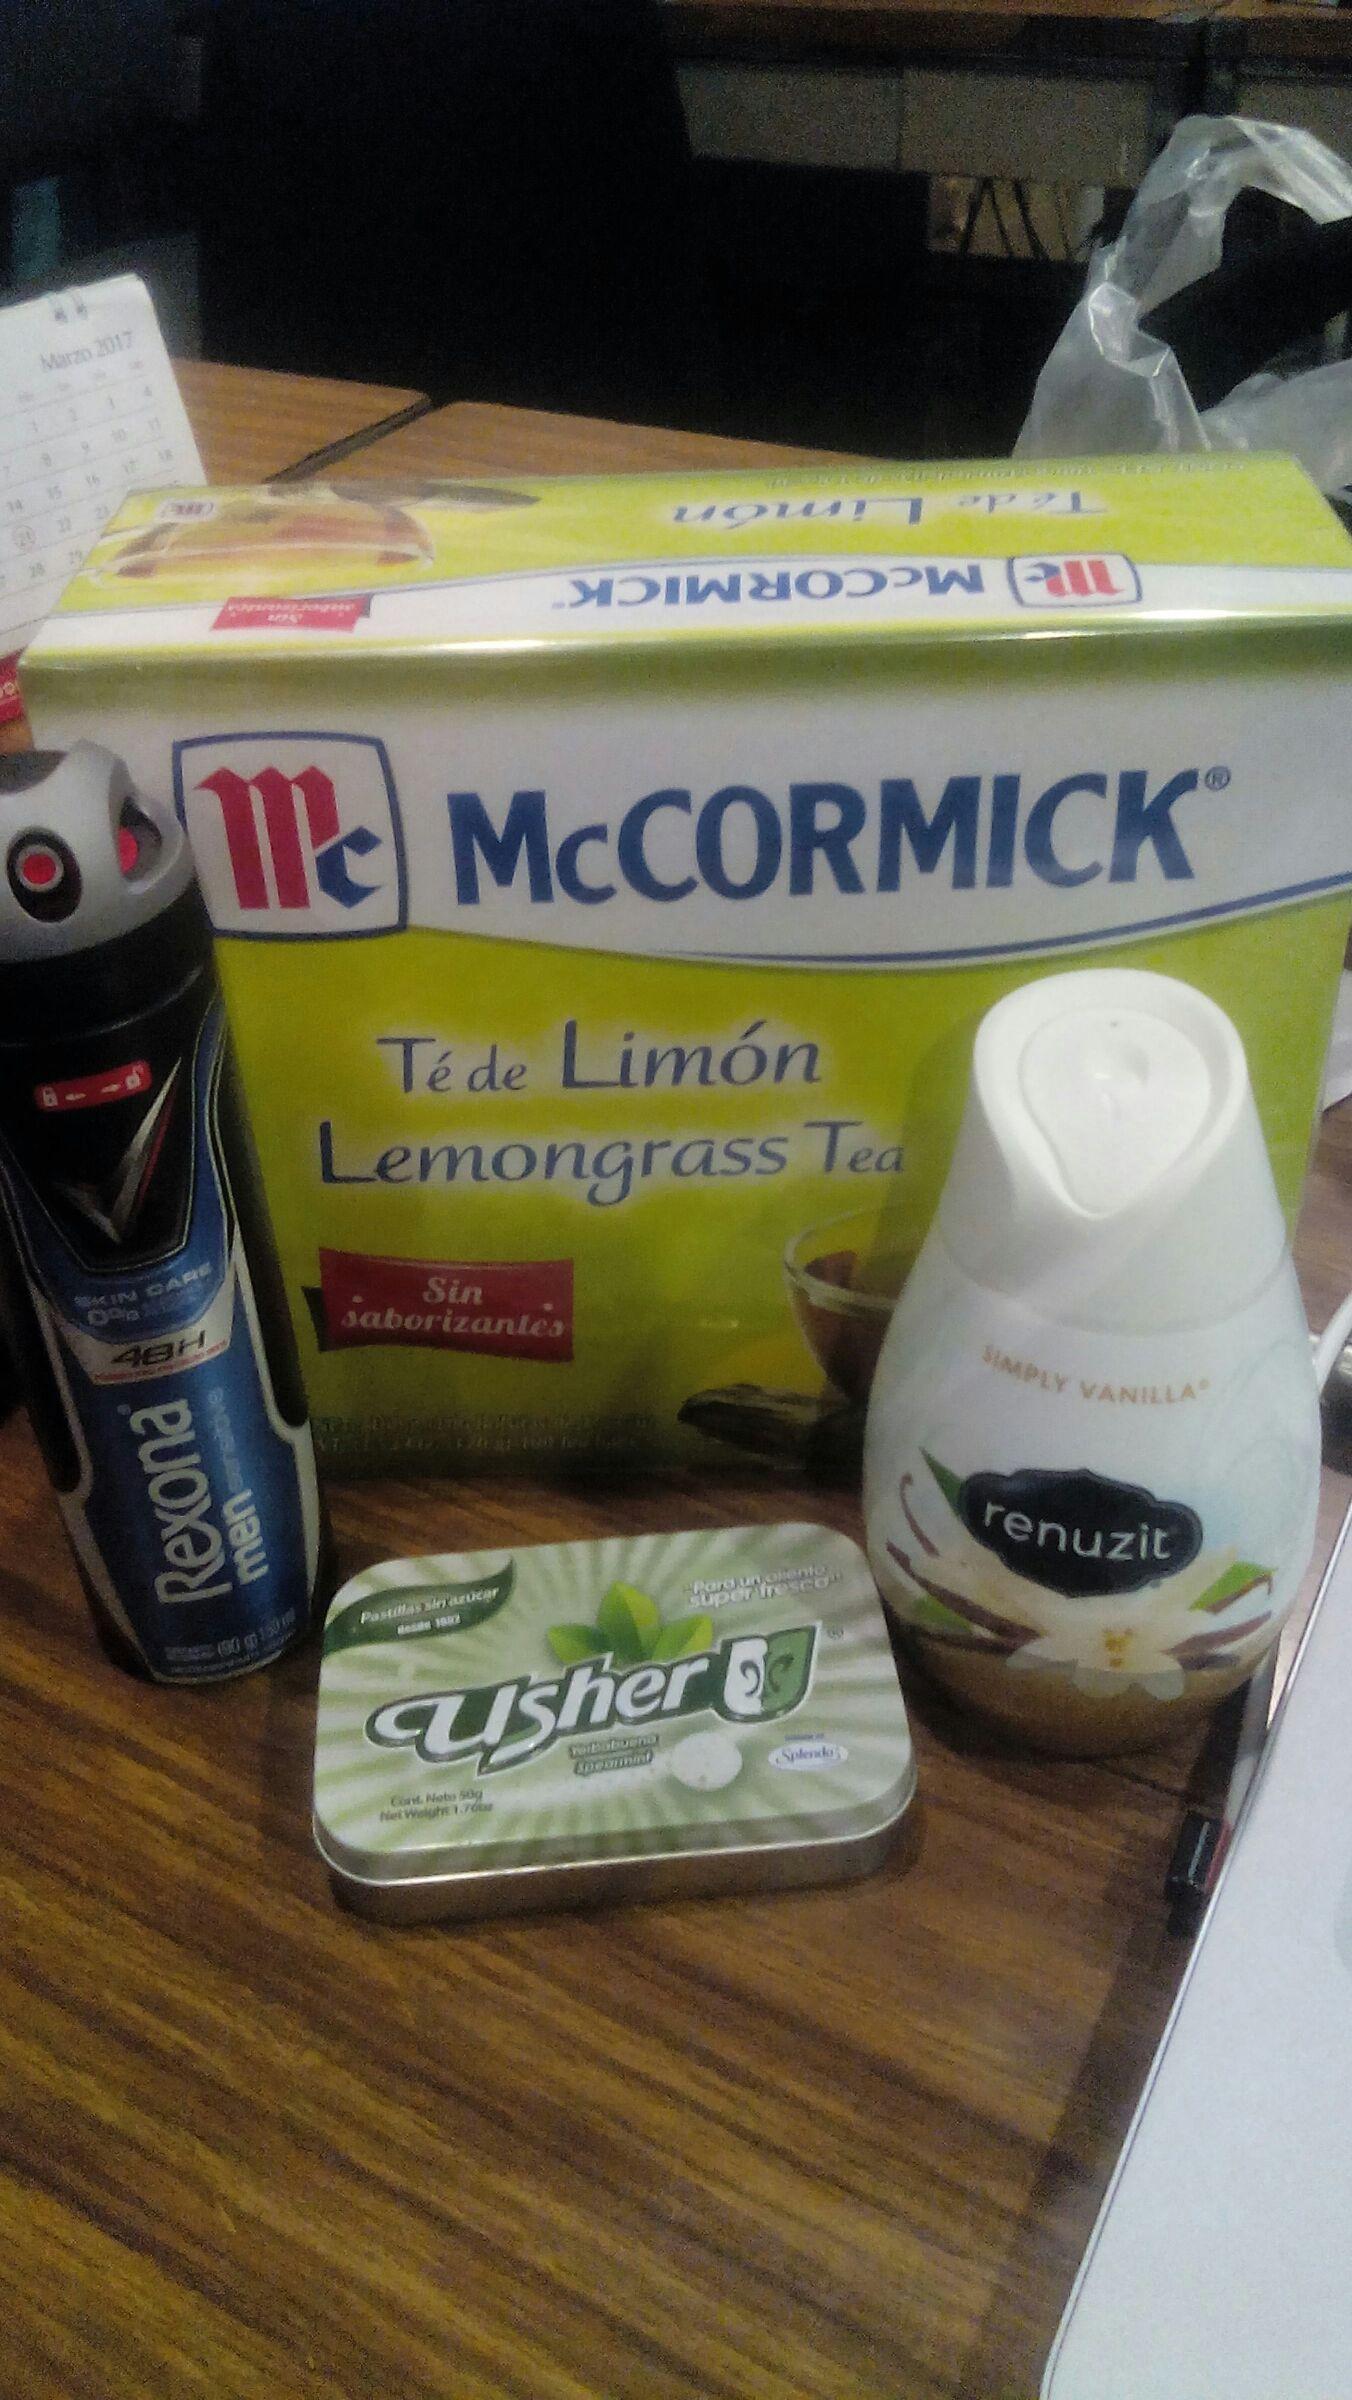 Superama: Ofertas varias, té de limón McCornick a $12.01 y más